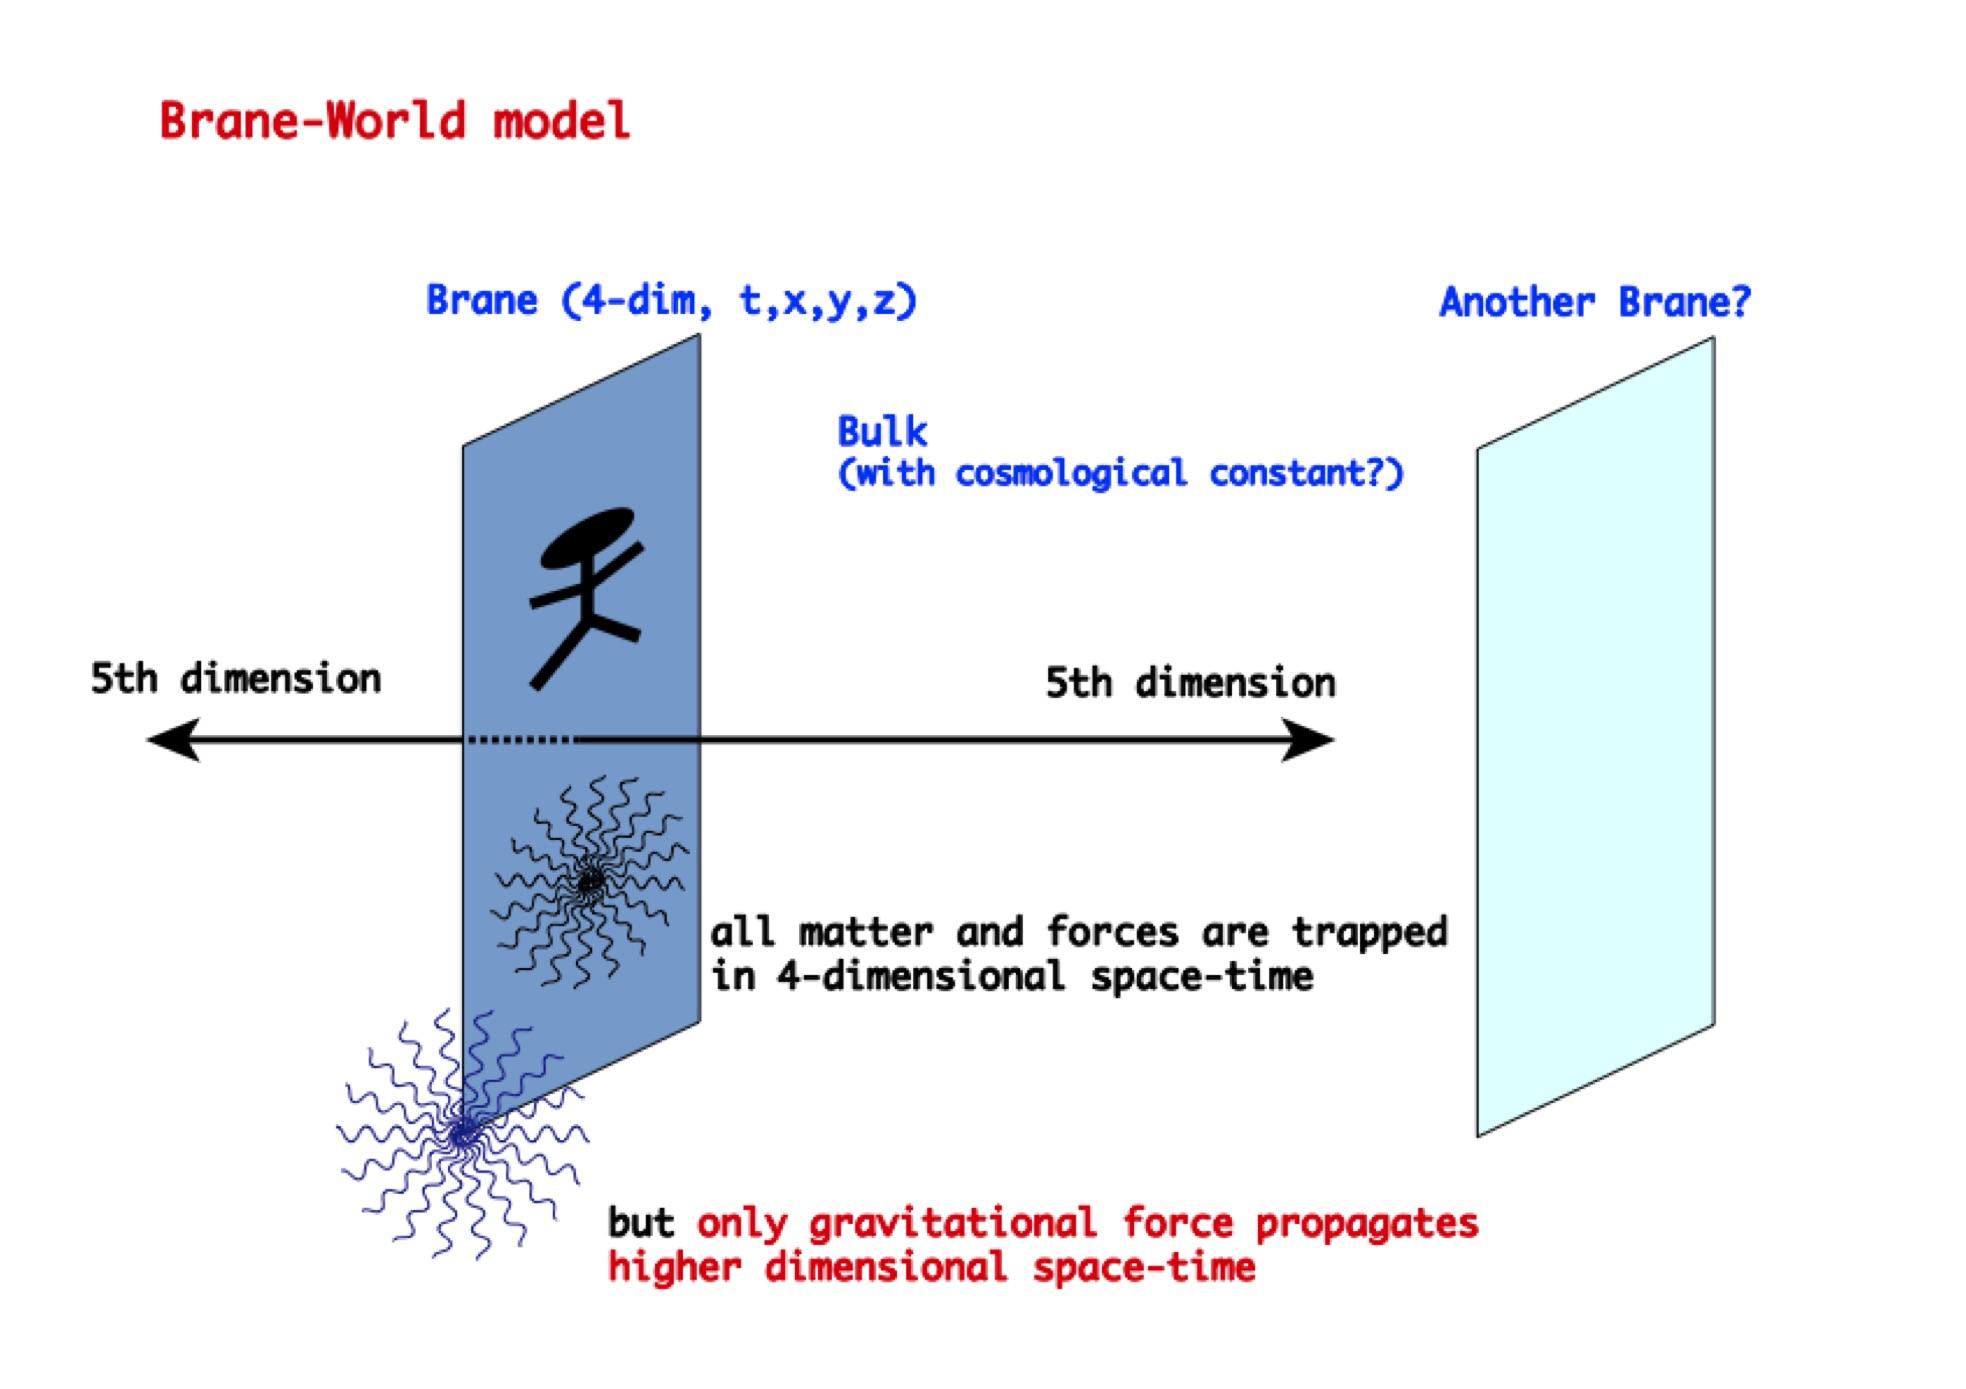 図2 ブレーンワールドのモデル図(重力だけが高次元空間に逃げている)